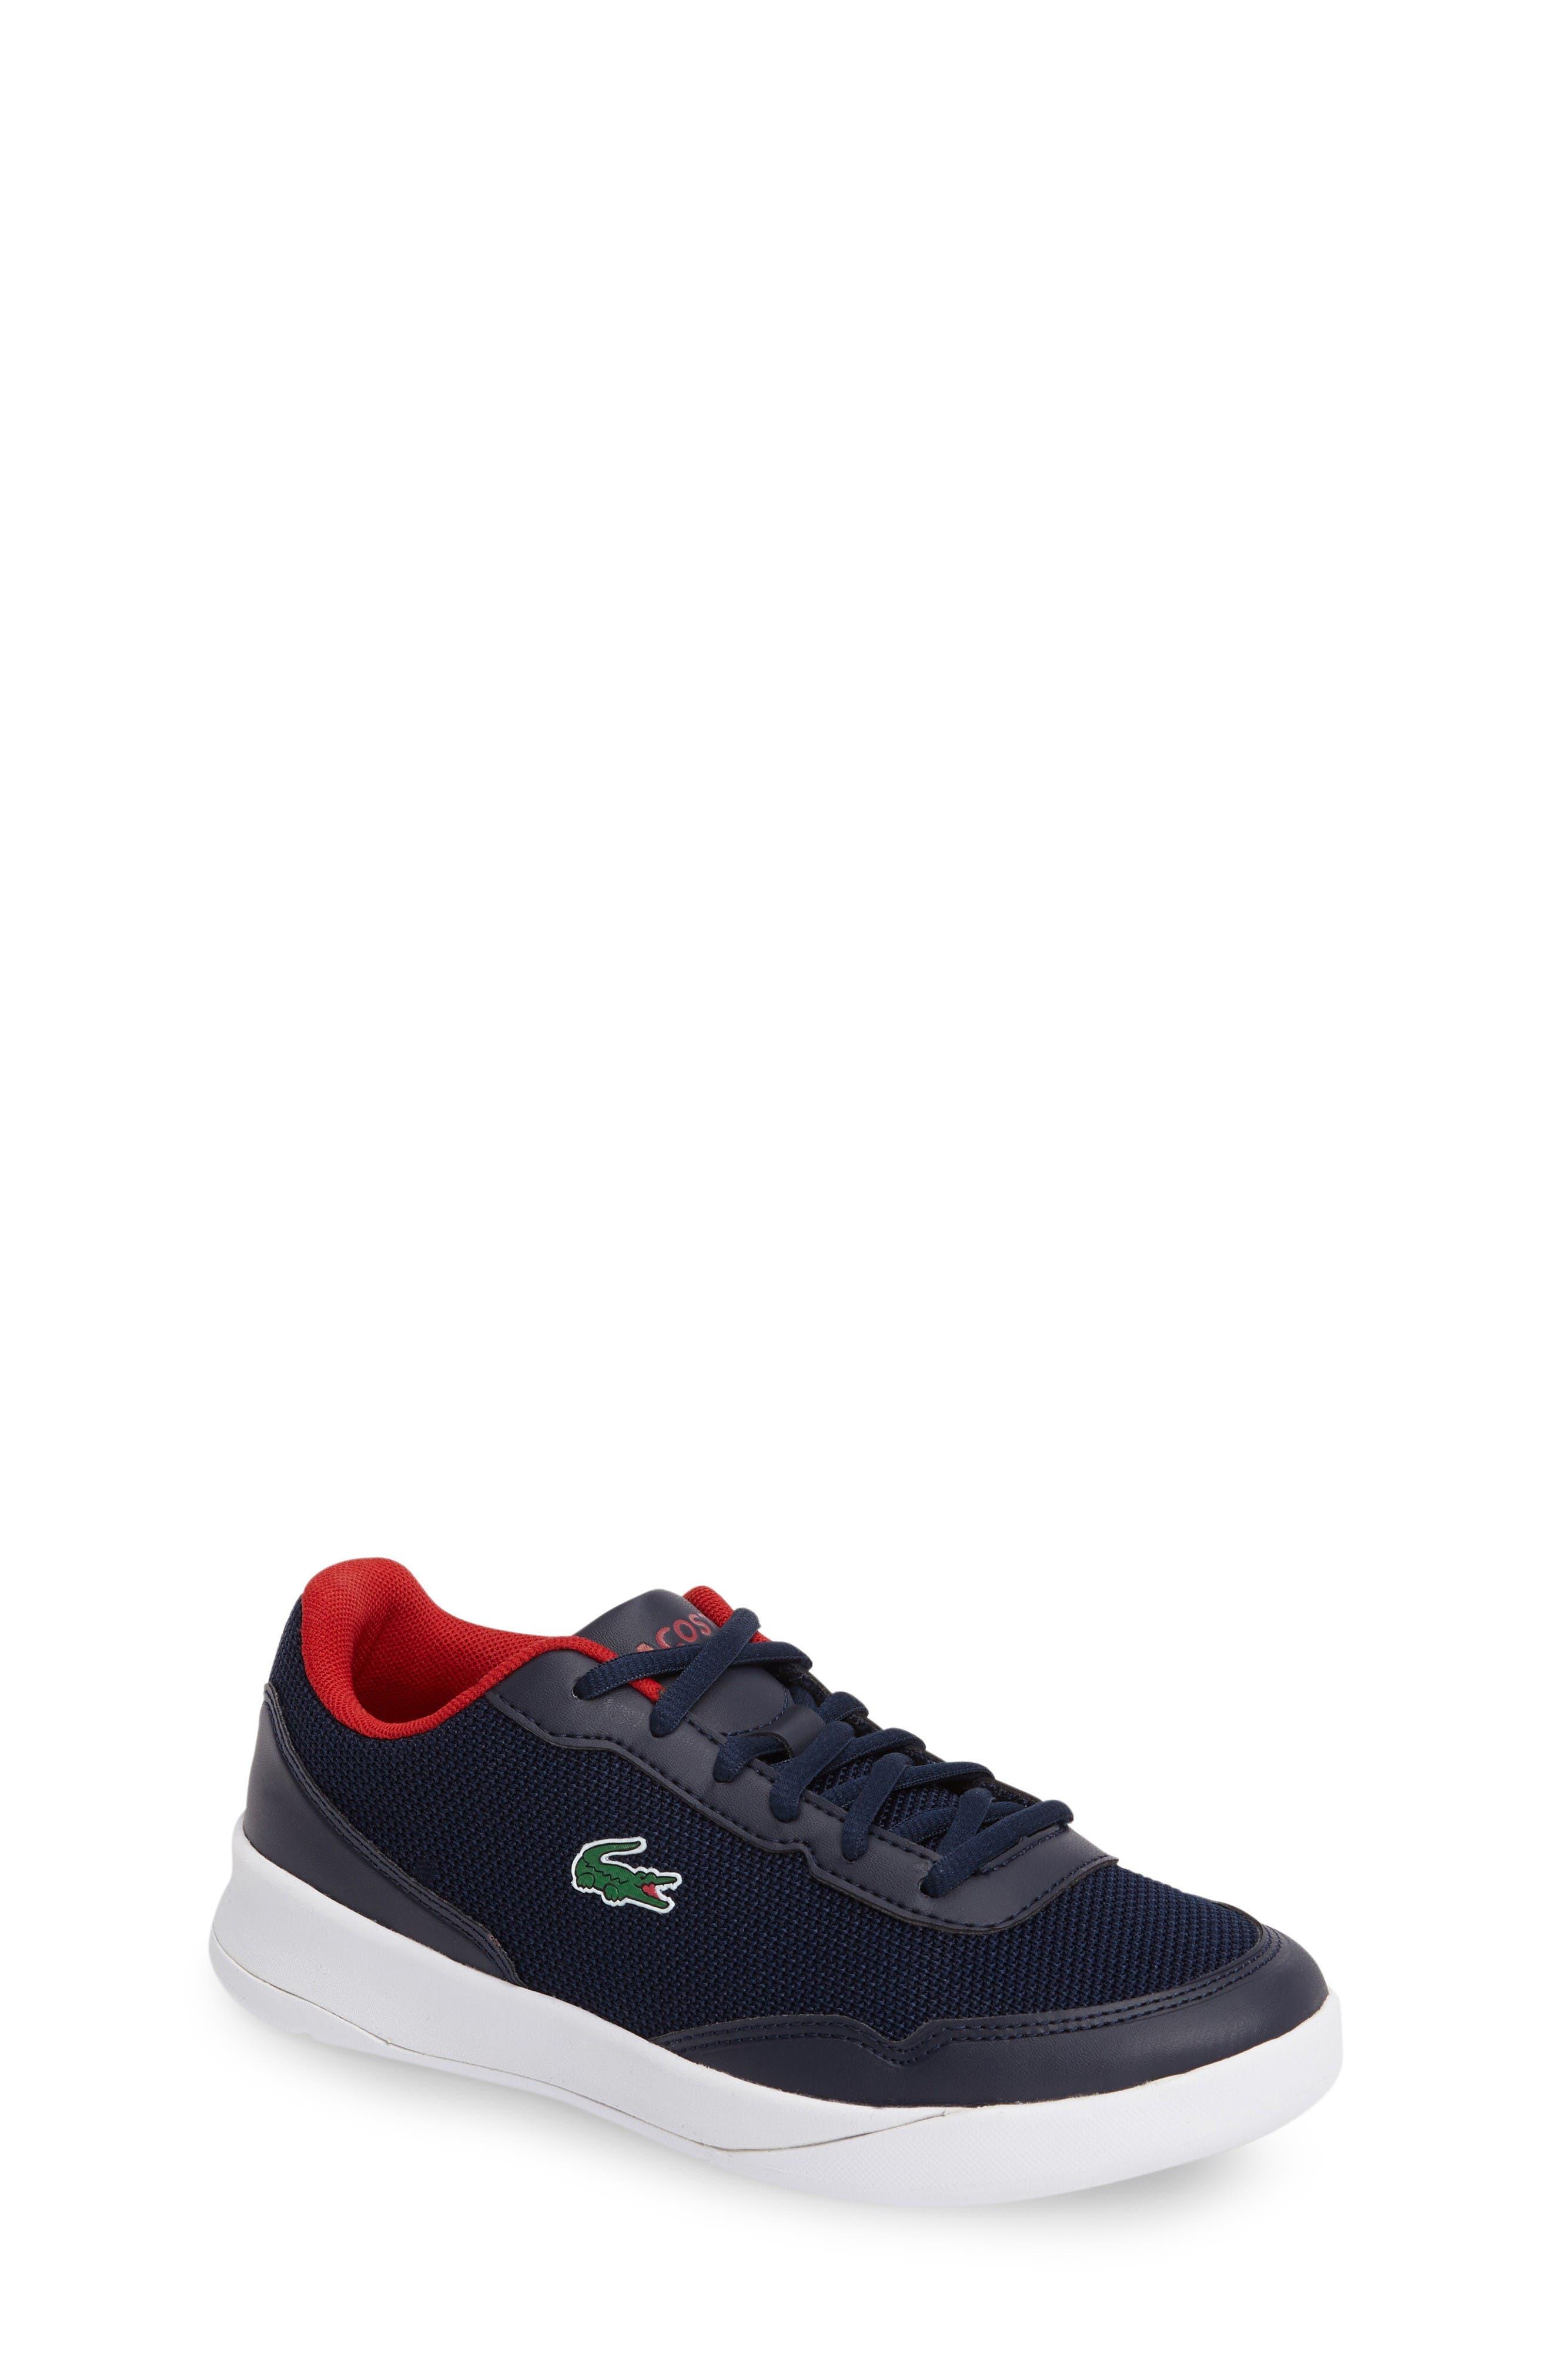 Lacoste LT Spirit Woven Sneaker (Little Kid & Big Kid)